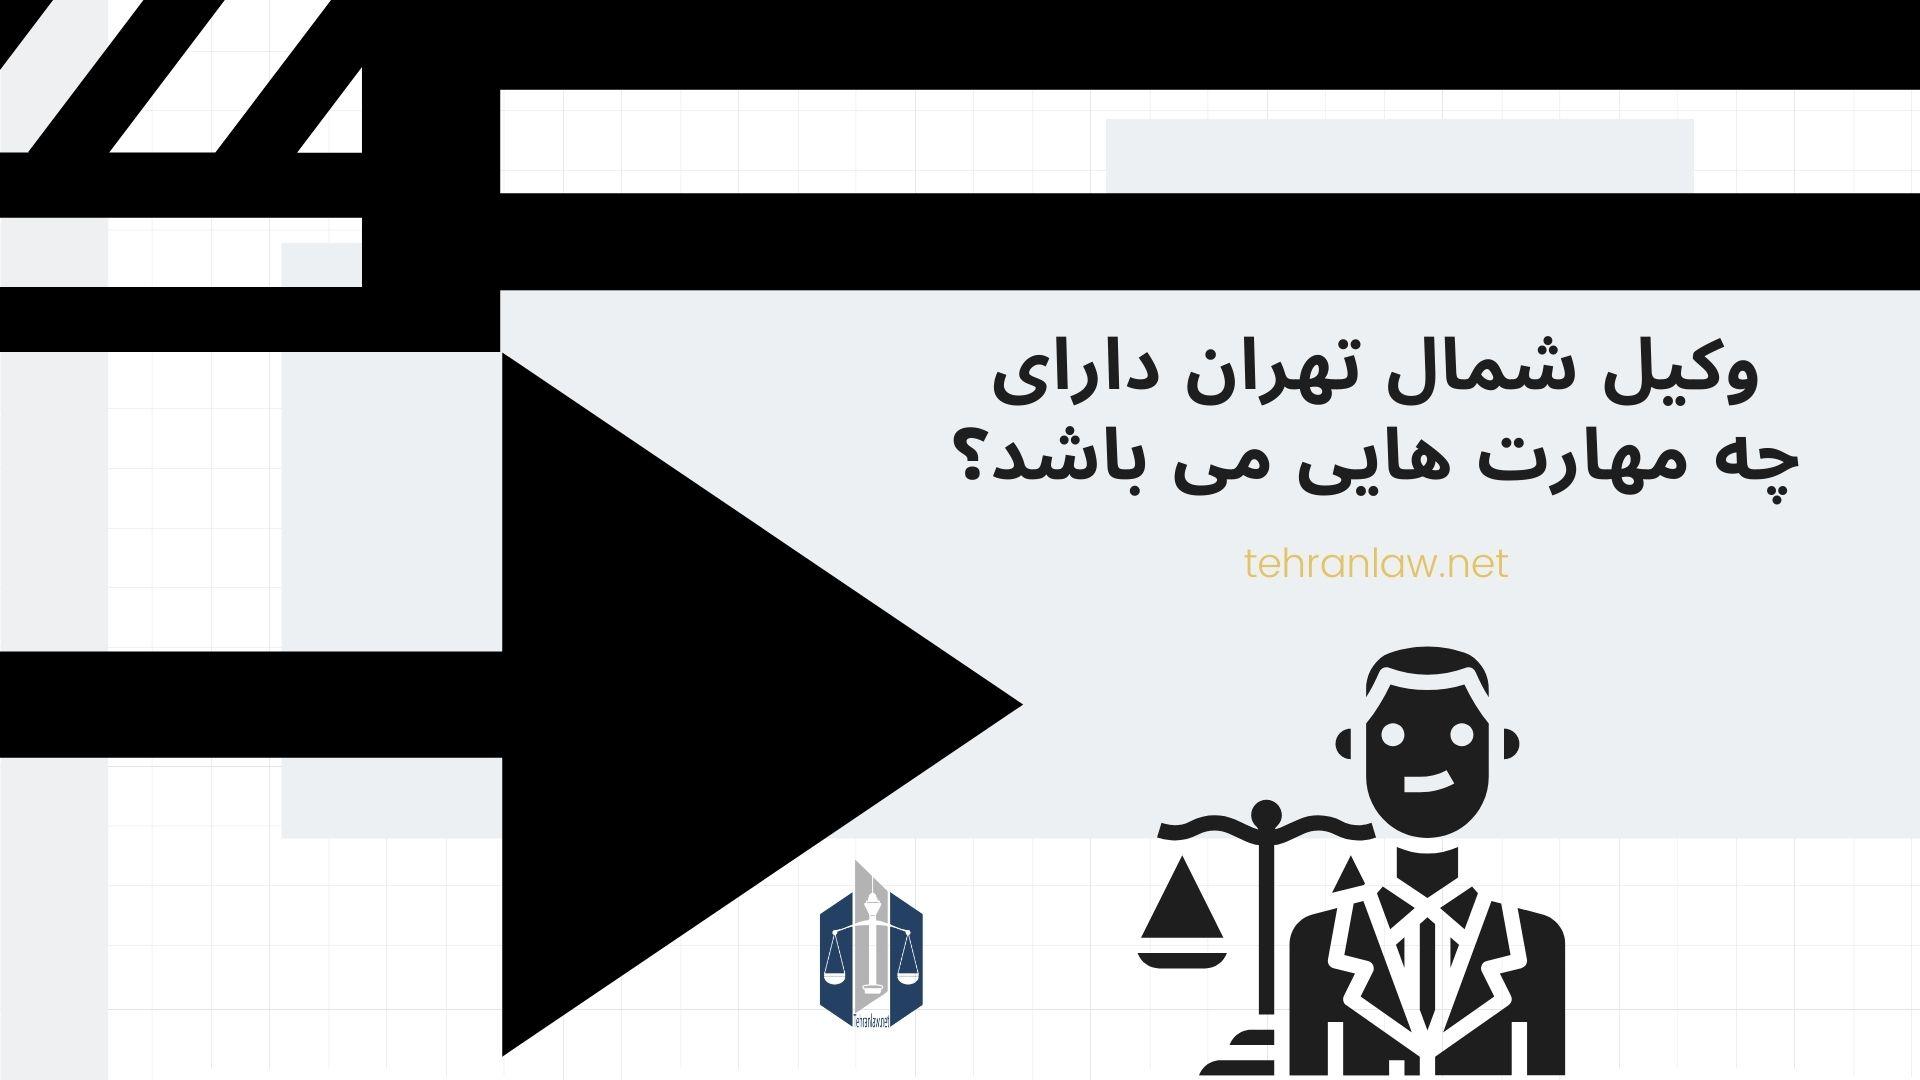 وکیل شمال تهران دارای چه مهارت هایی می باشد؟